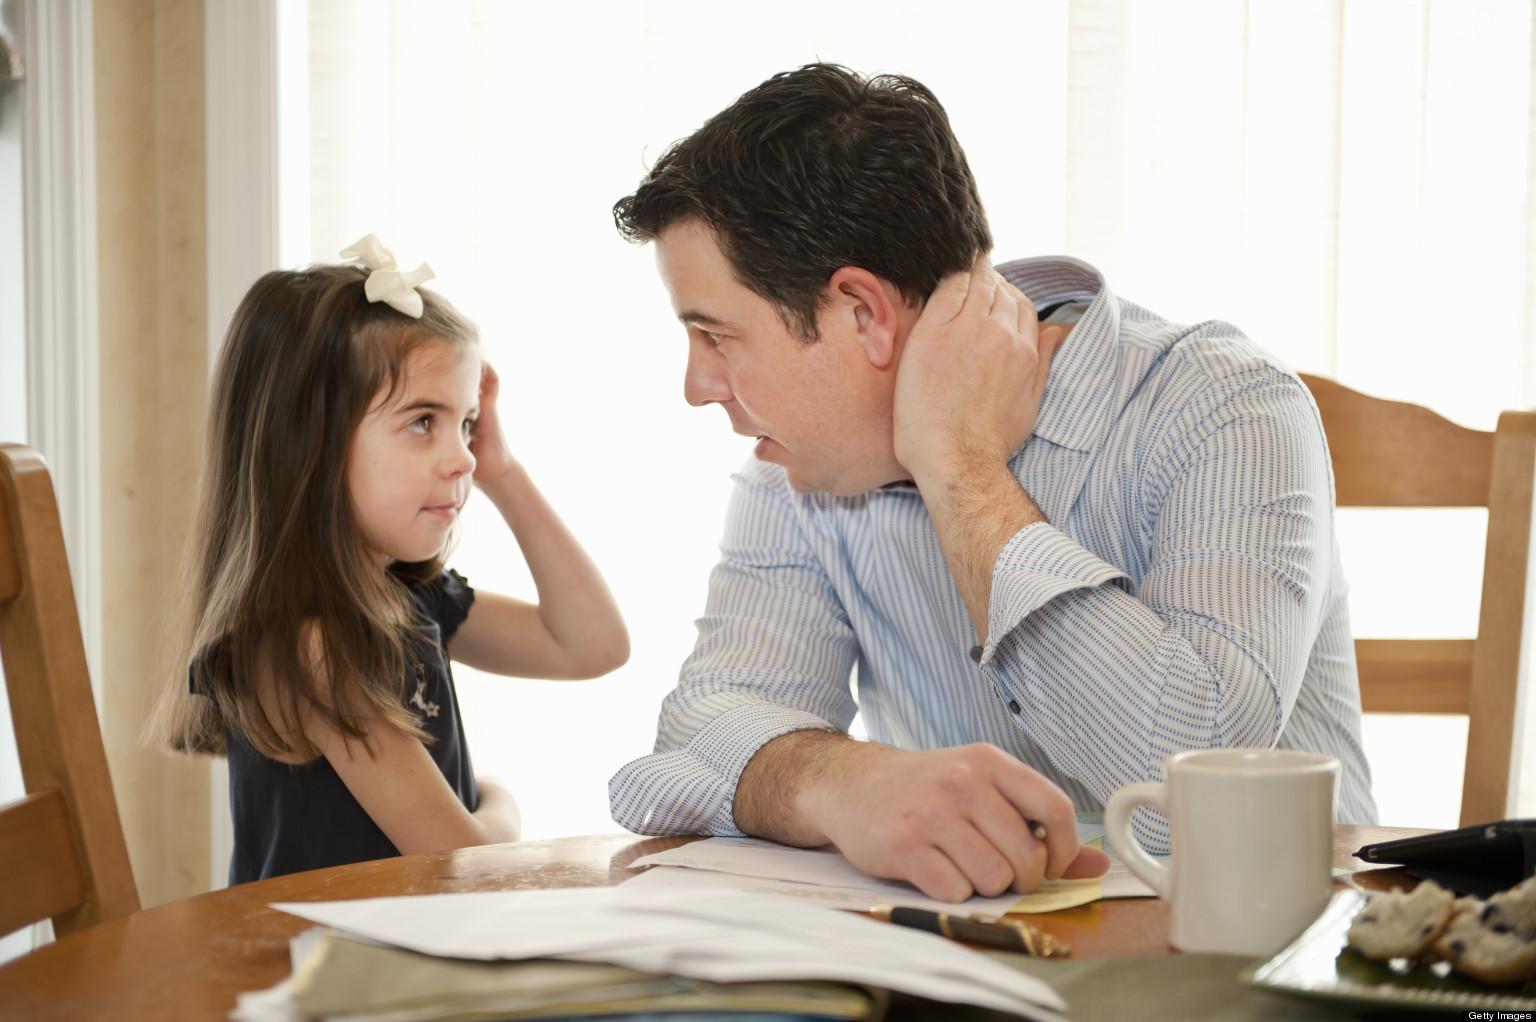 اهمية دقة الكلام مع الاطفال فكن دقيقا في كلامك مع طفلك